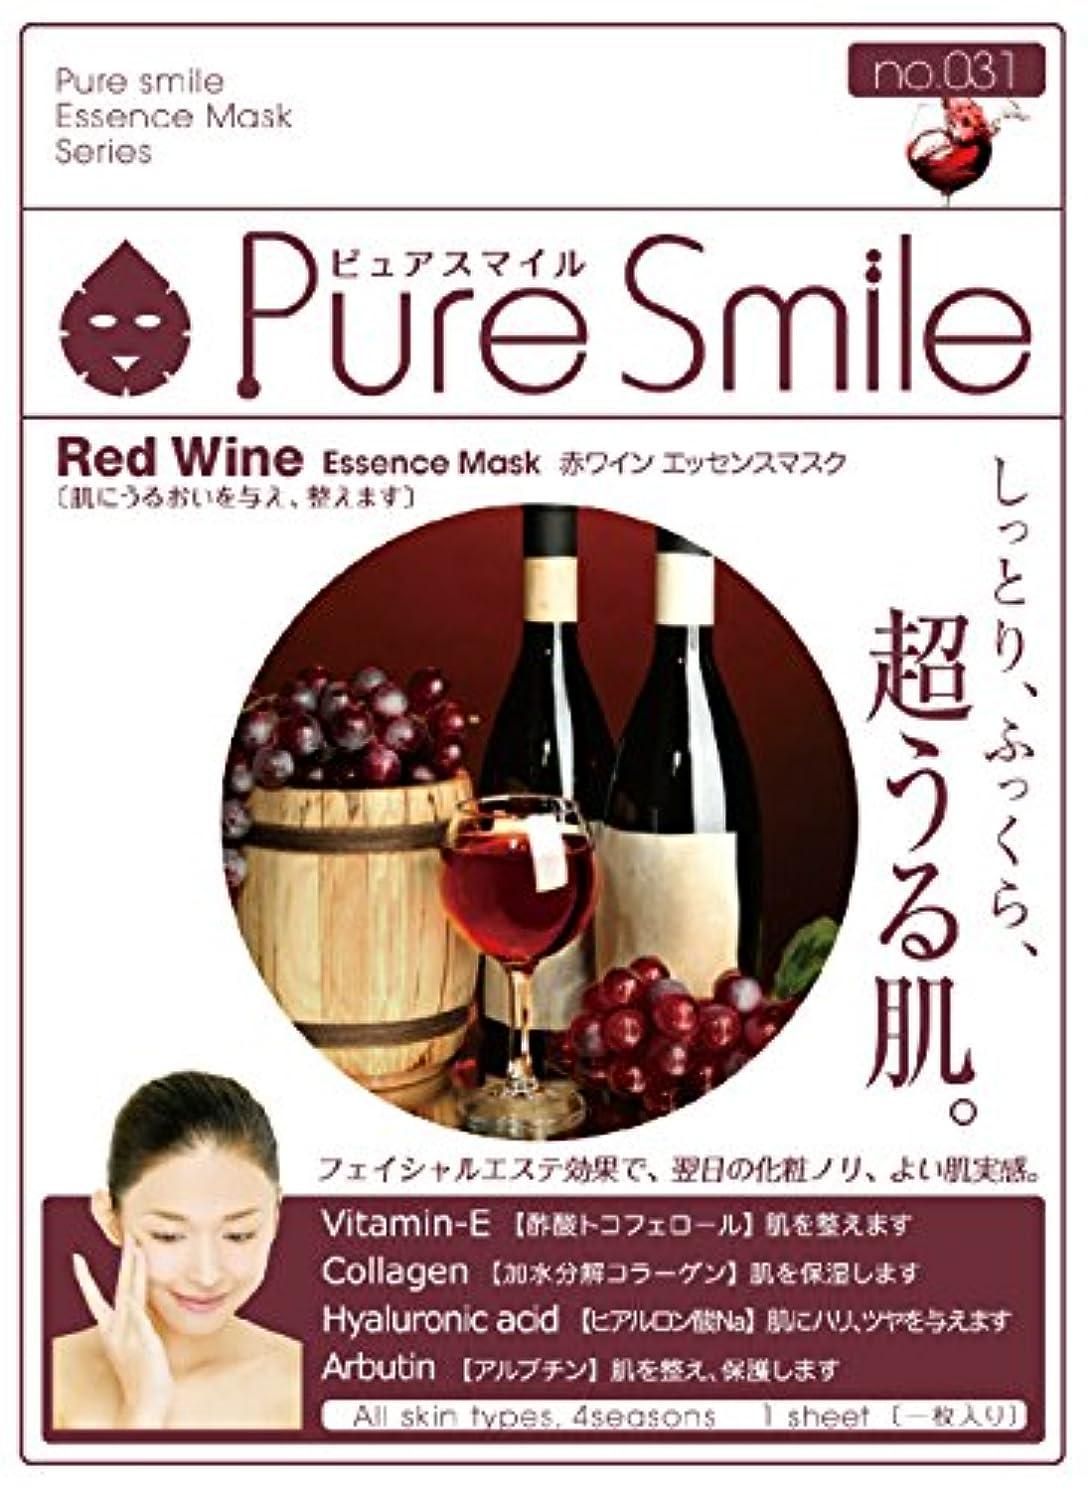 突進汚れた気取らないPure Smile エッセンスマスク 赤ワイン 23ml?30枚